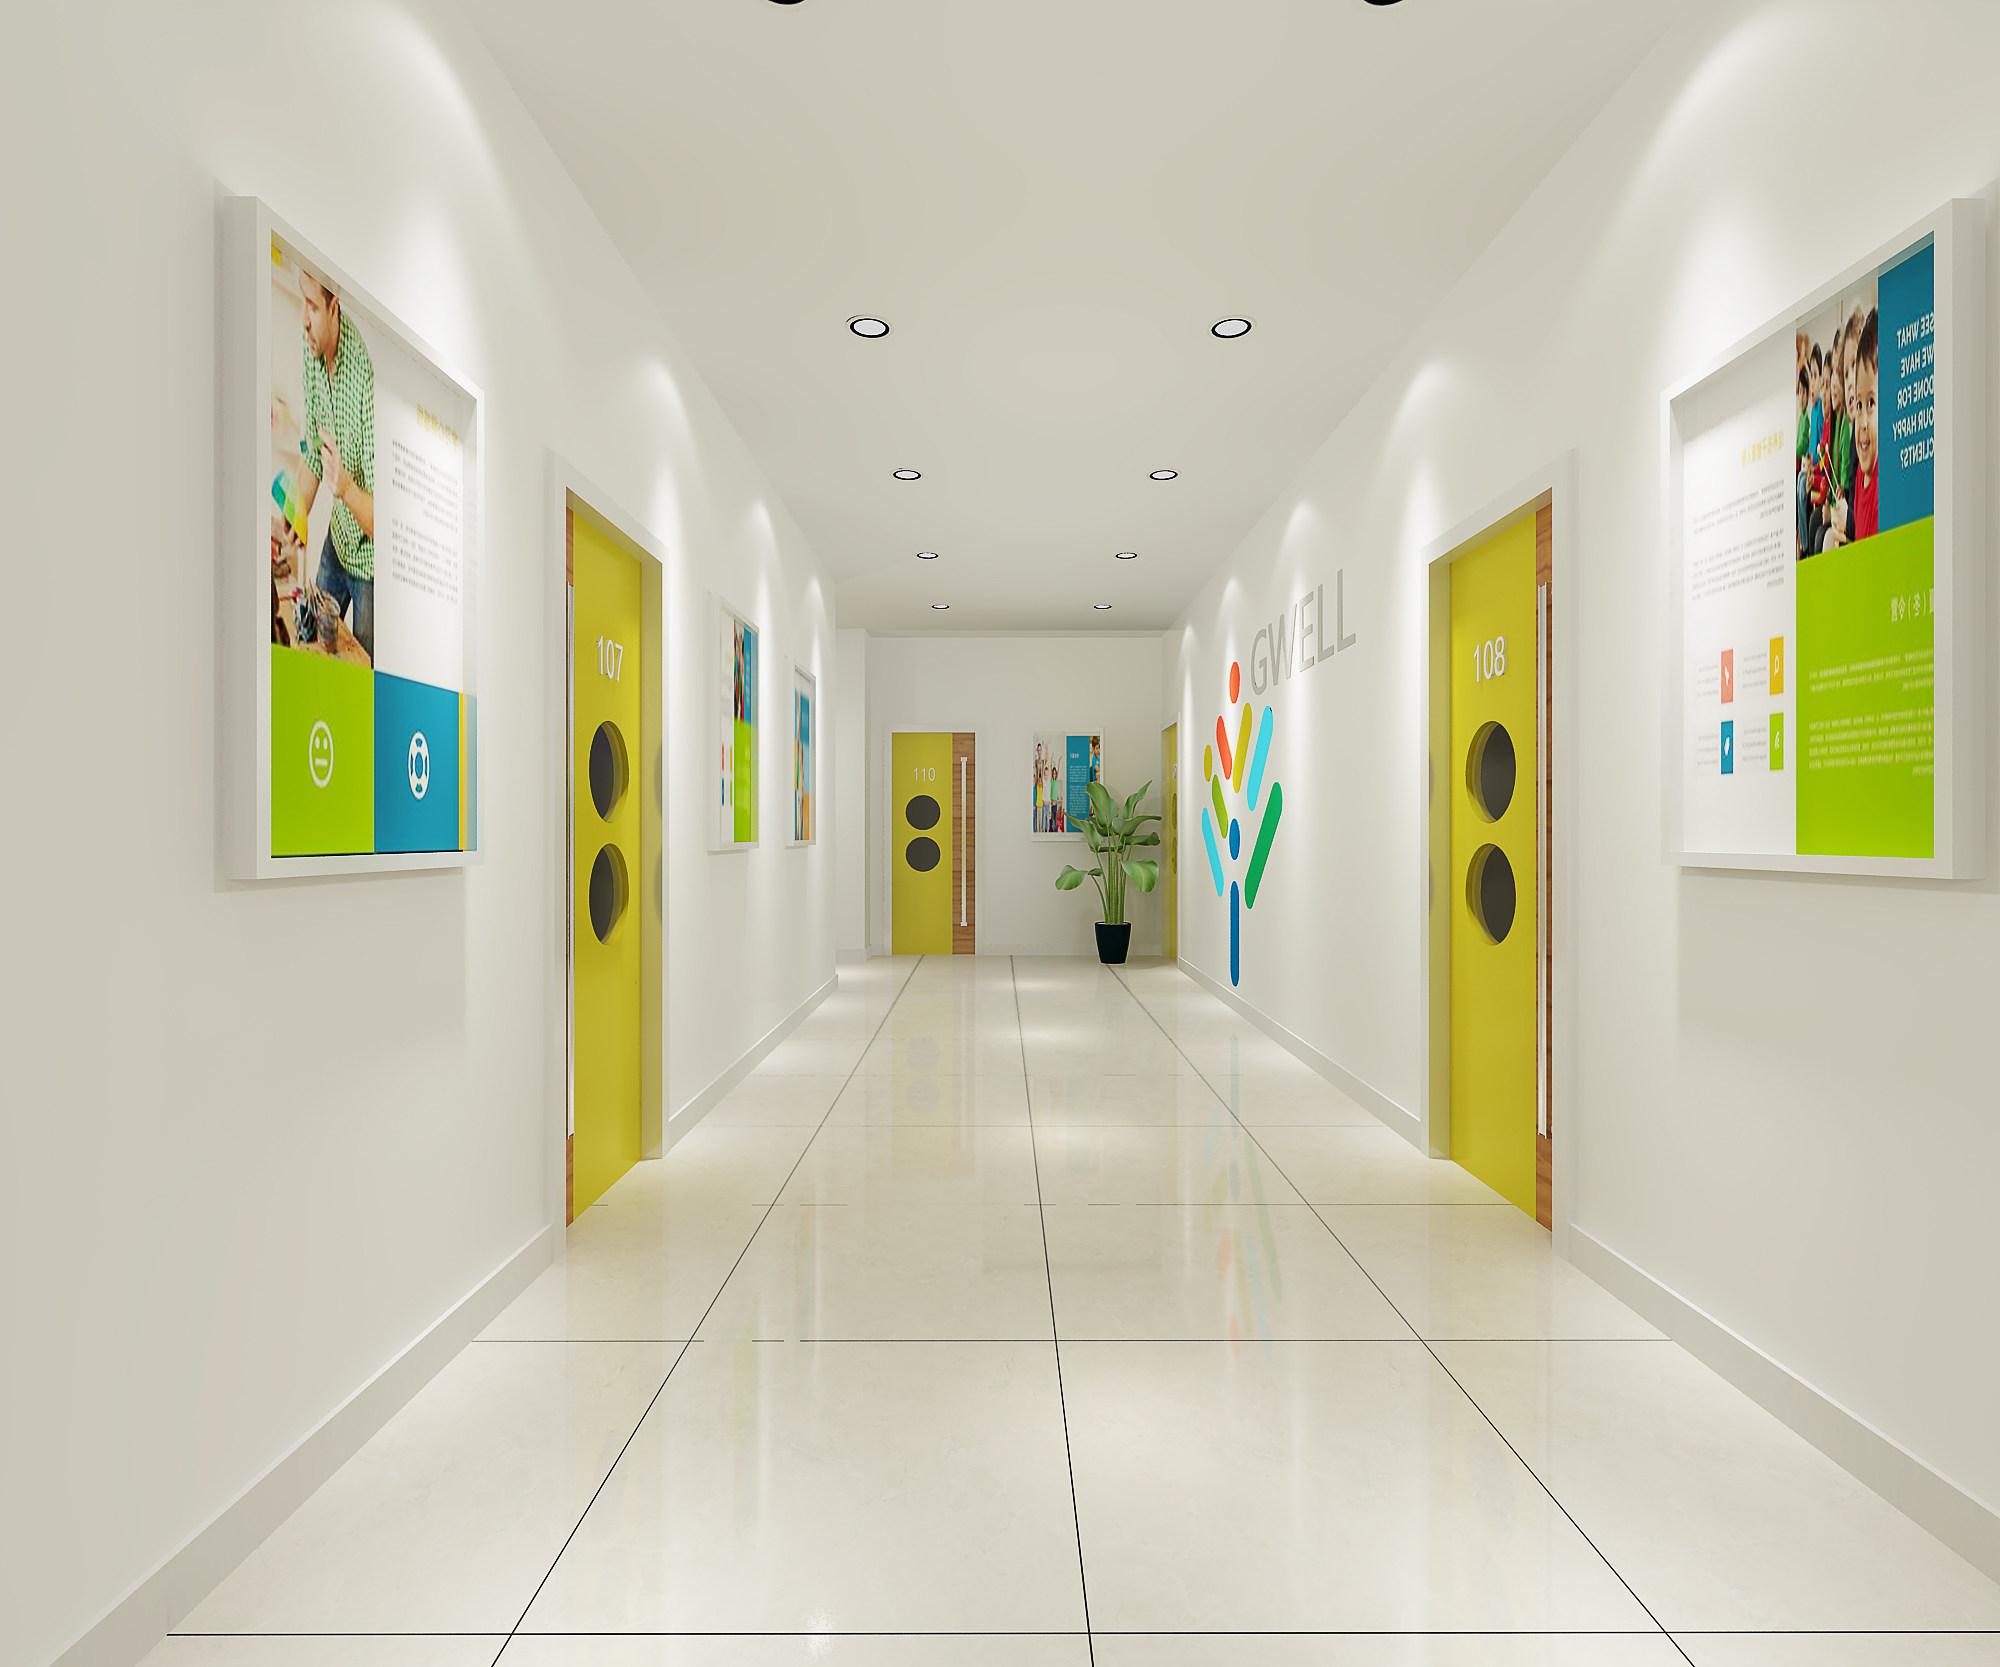 口令:学数学就到冀未来 全新的教室,色彩艳丽的墙体以及焕然一新的新